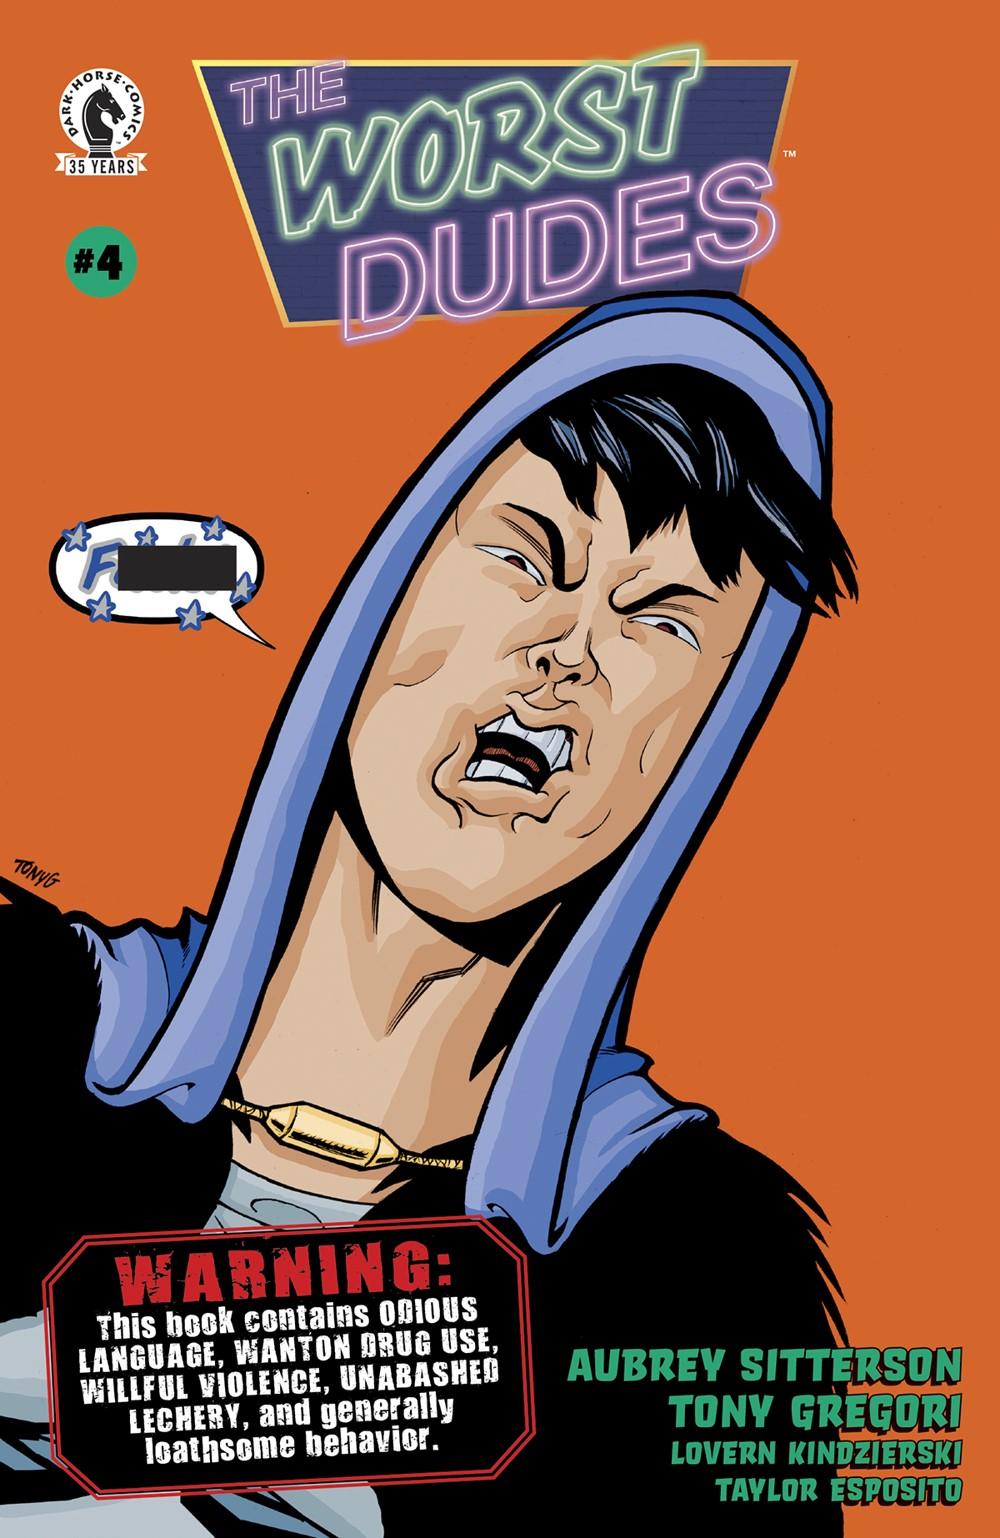 WDUDES_i4_CVR_4x6_SOL Dark Horse Comics September 2021 Solicitations